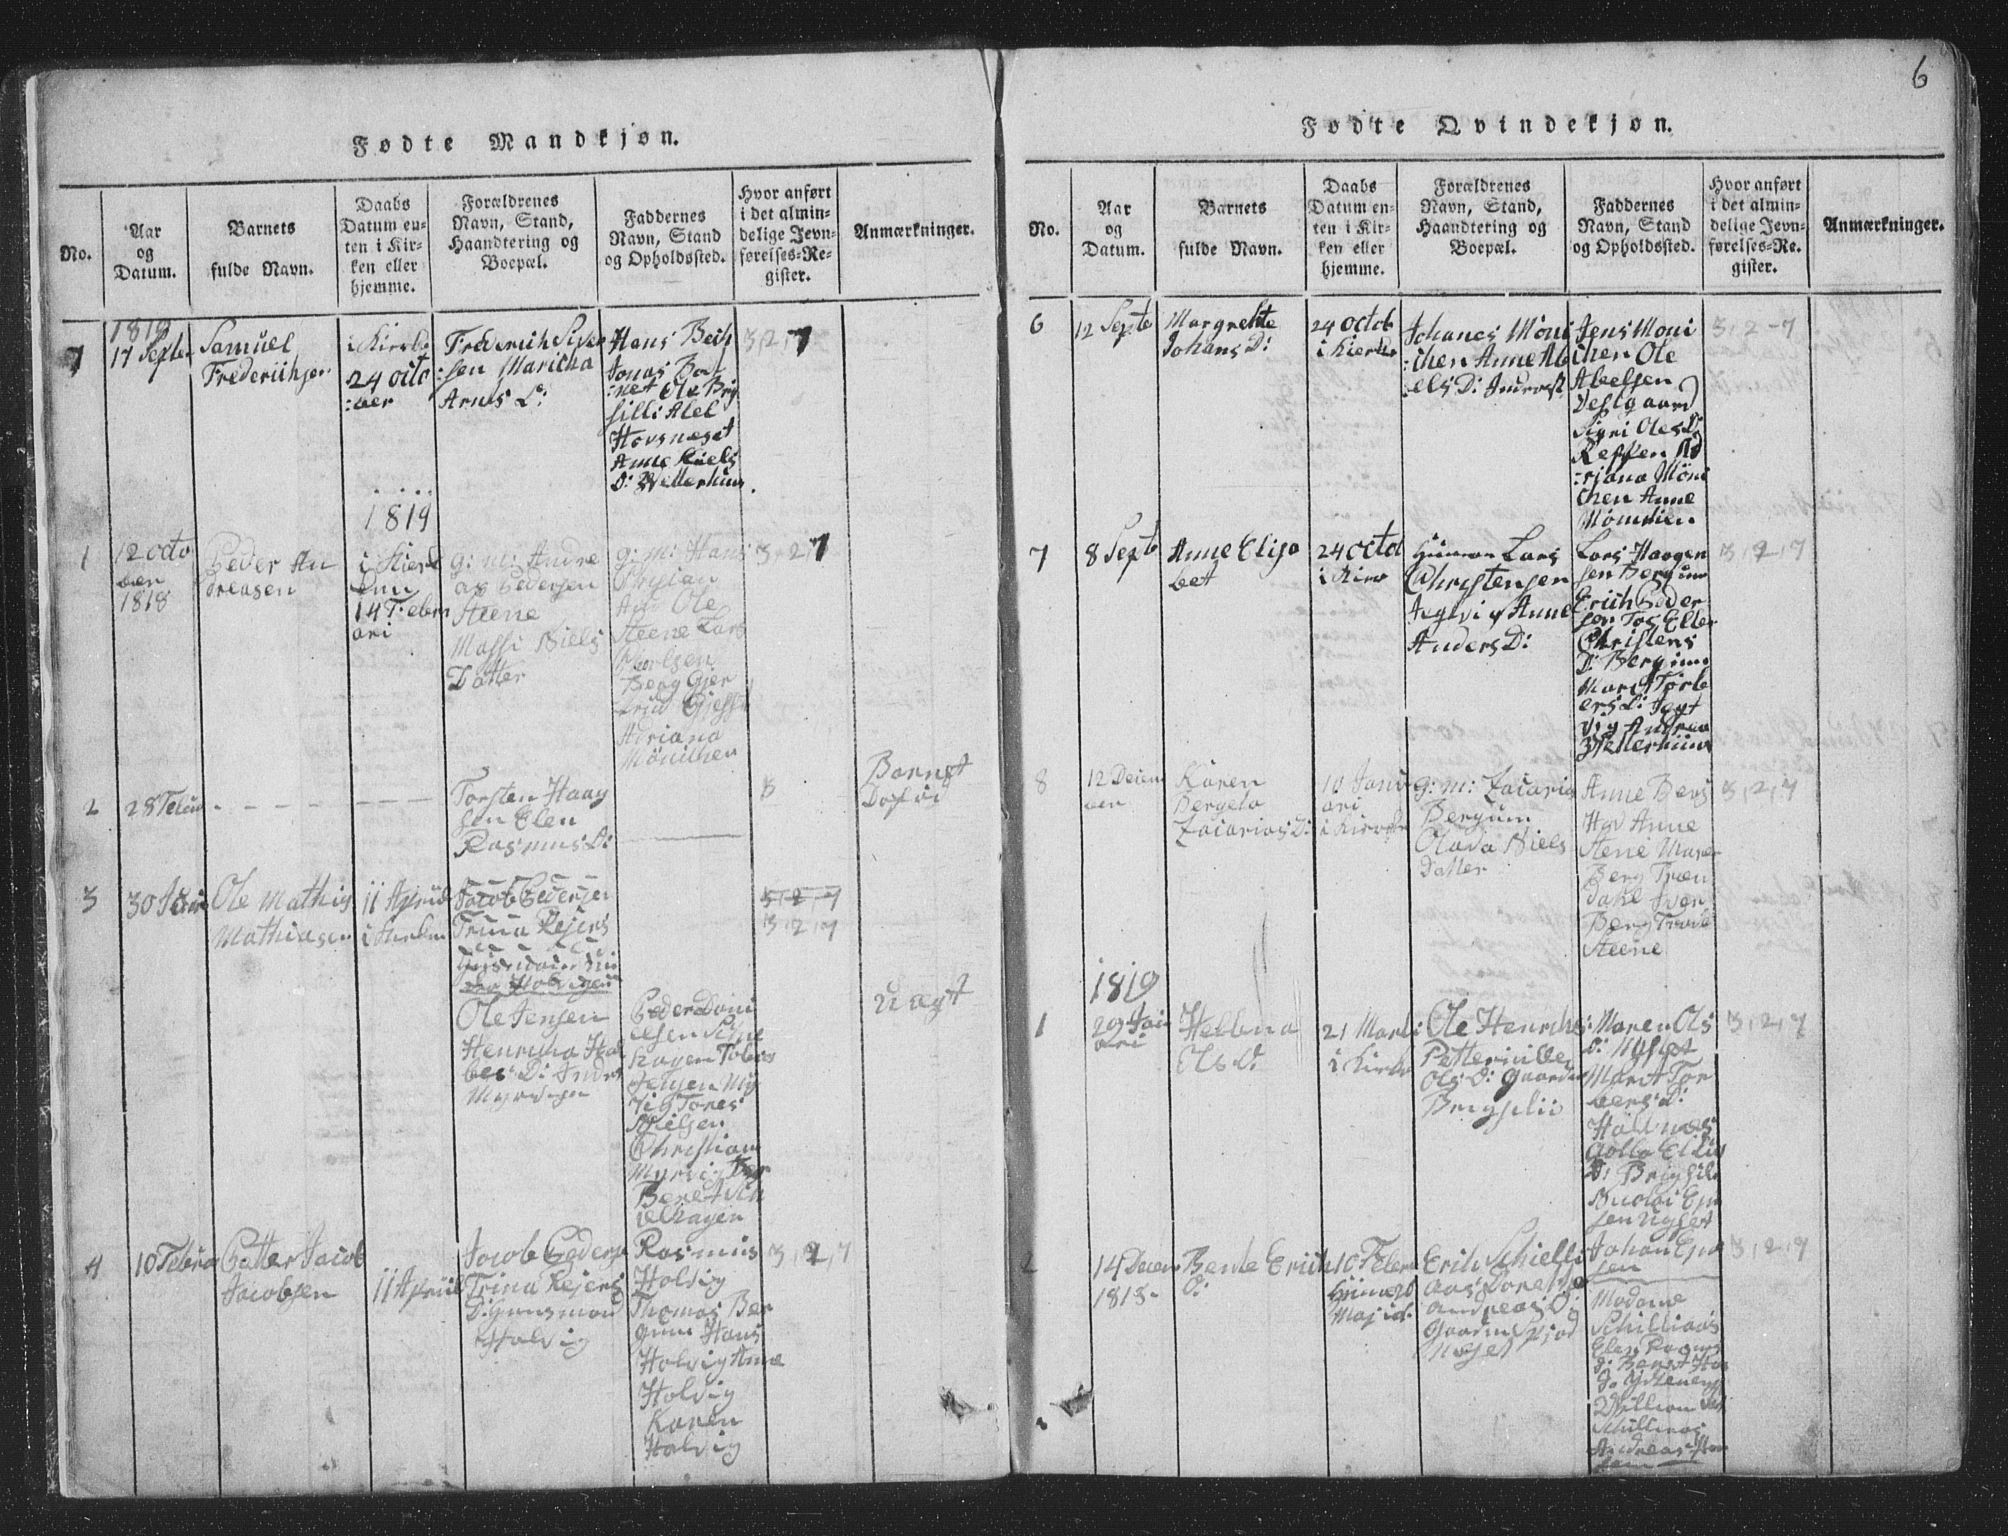 SAT, Ministerialprotokoller, klokkerbøker og fødselsregistre - Nord-Trøndelag, 773/L0613: Ministerialbok nr. 773A04, 1815-1845, s. 6